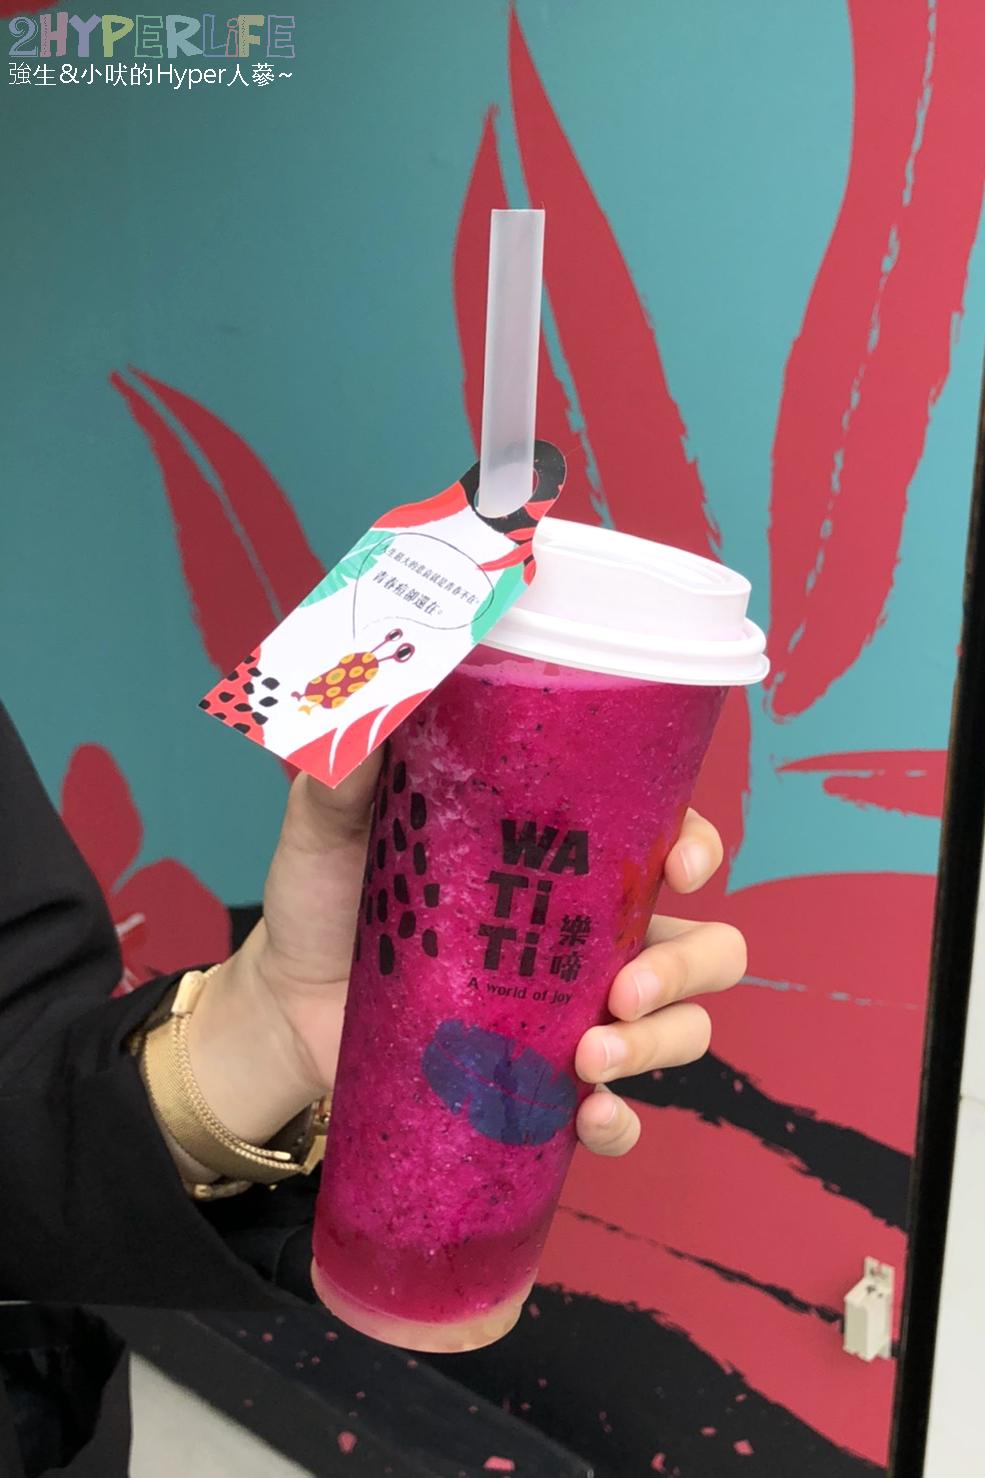 超吸睛怪獸系飲品來了!樂啼WATiTi用新鮮水果打造創意熱帶鮮果飲品,台中熱門打卡飲料店又一家啦~ @強生與小吠的Hyper人蔘~